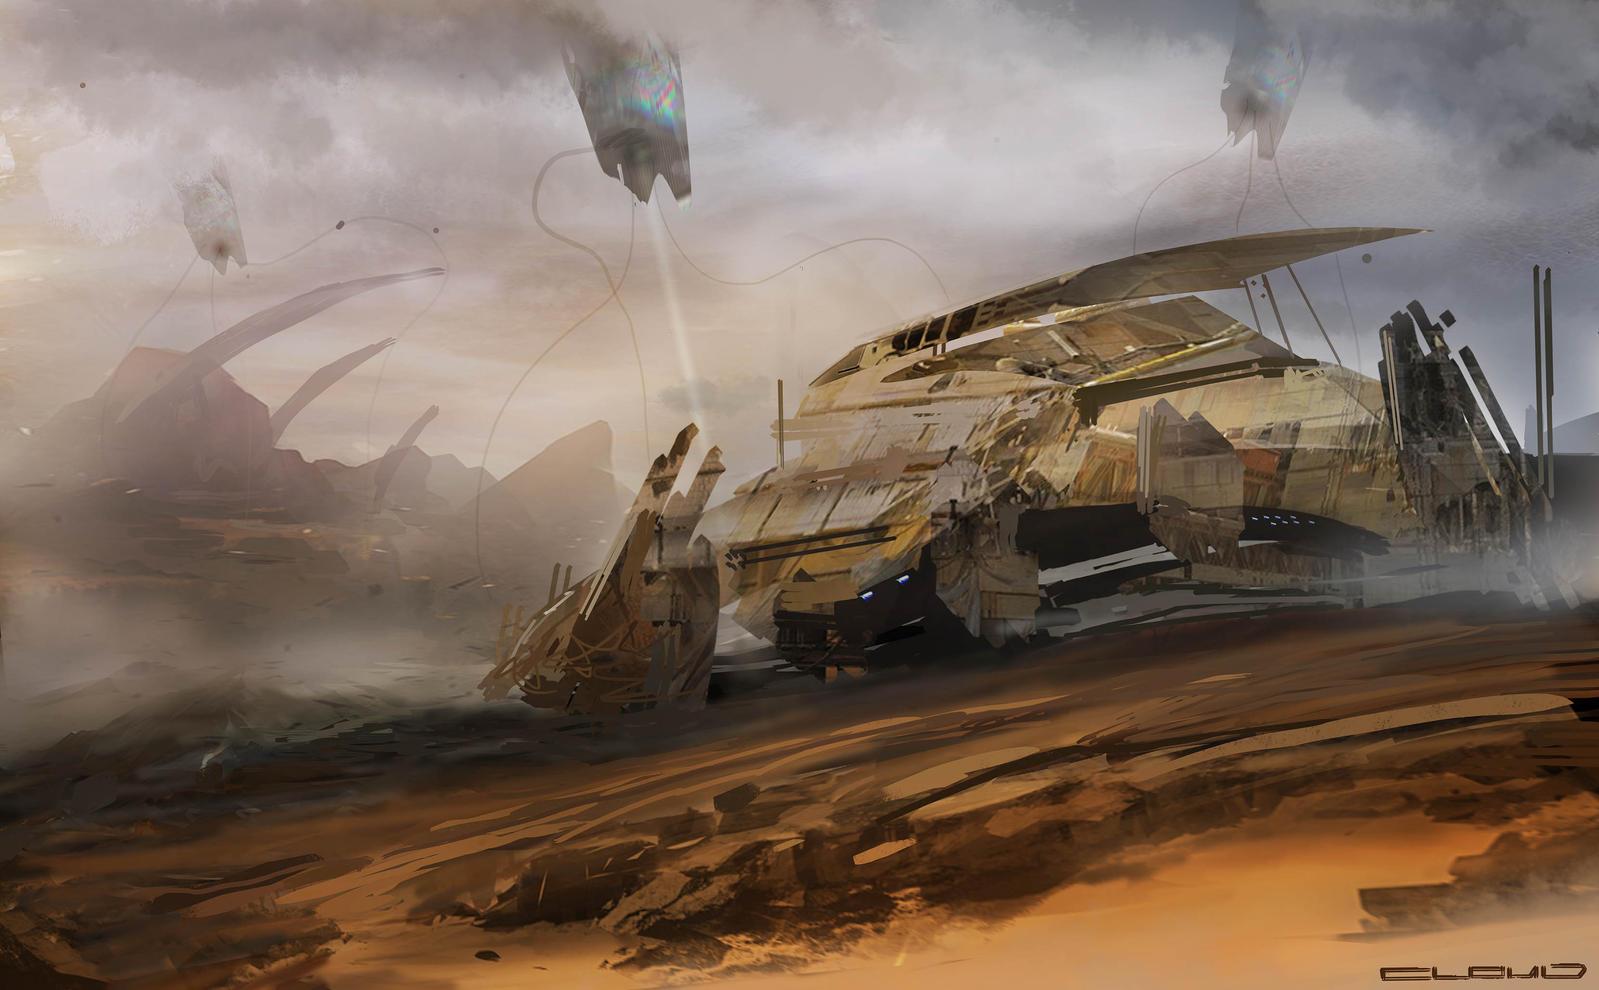 Desert speed paint by Darkcloud013